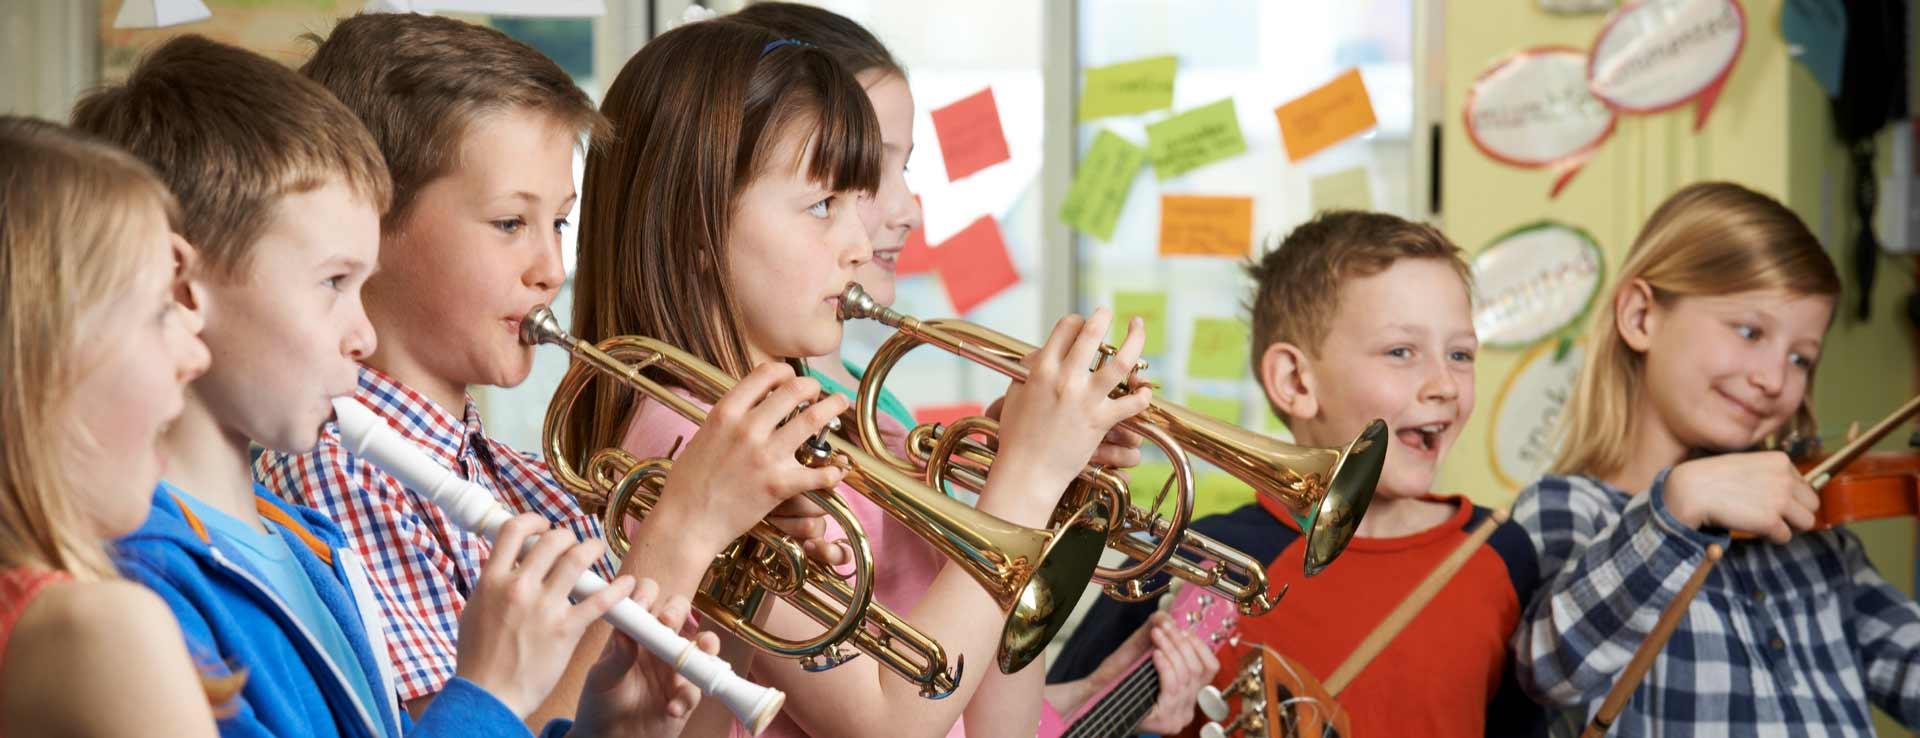 Musikunterricht im Landkreis Göttingen durch die Kreismusikschule Göttingen, Osterode, Duderstadt, Hann. Münden